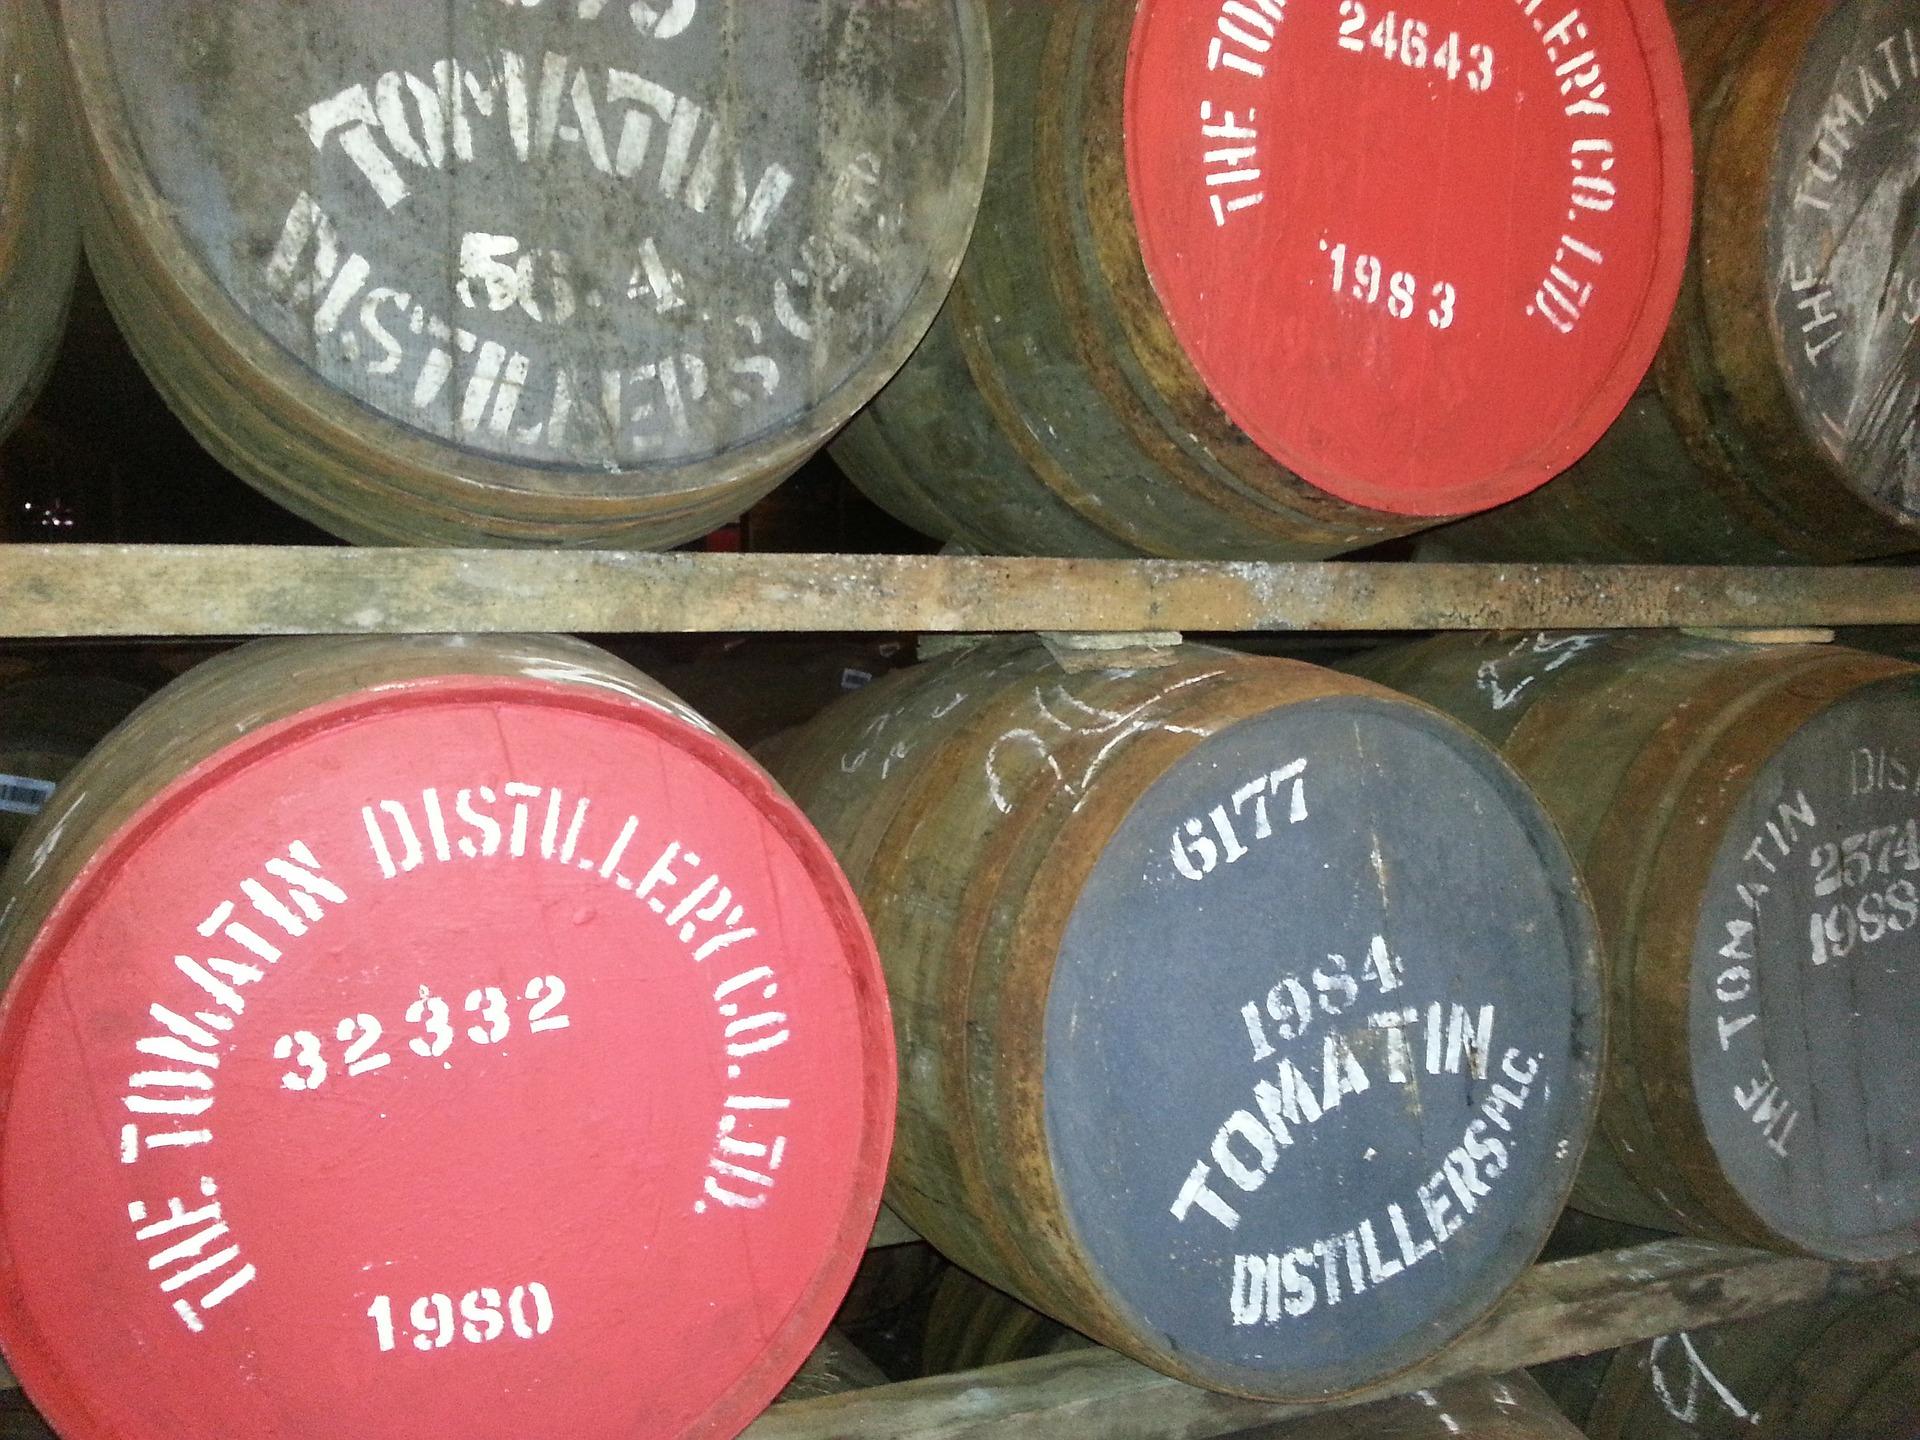 Les pierres à whisky